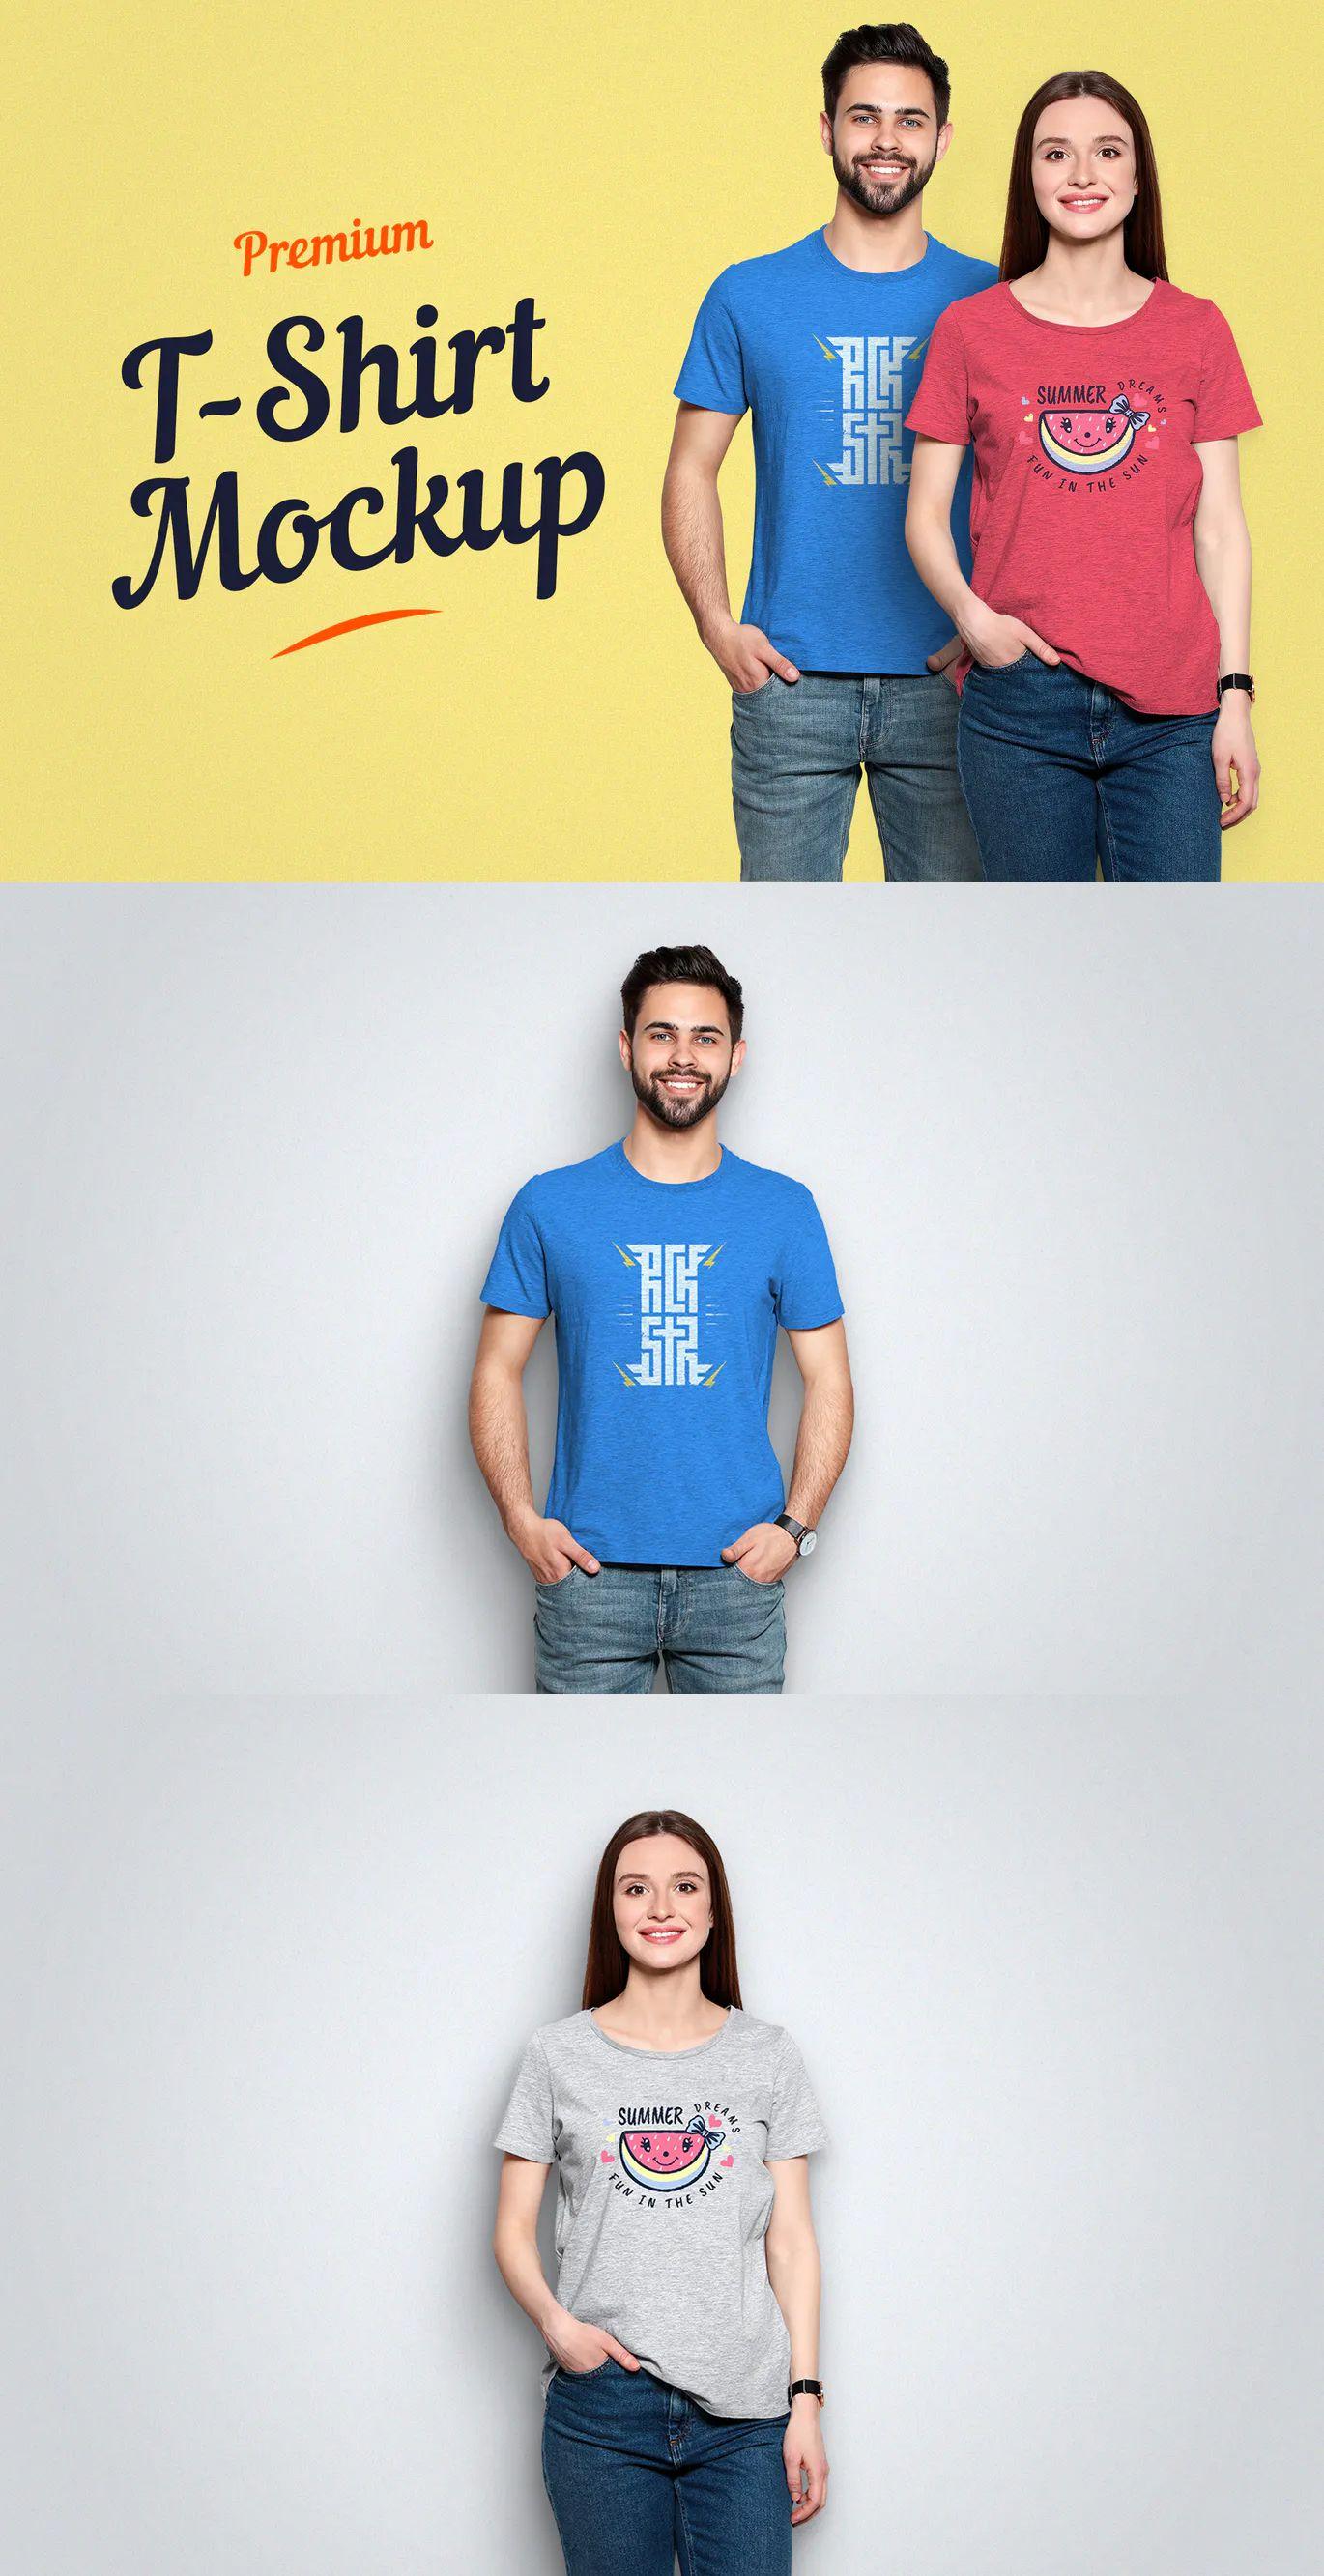 Download Premium T Shirt Mockup Shirt Mockup Tshirt Mockup Mockup